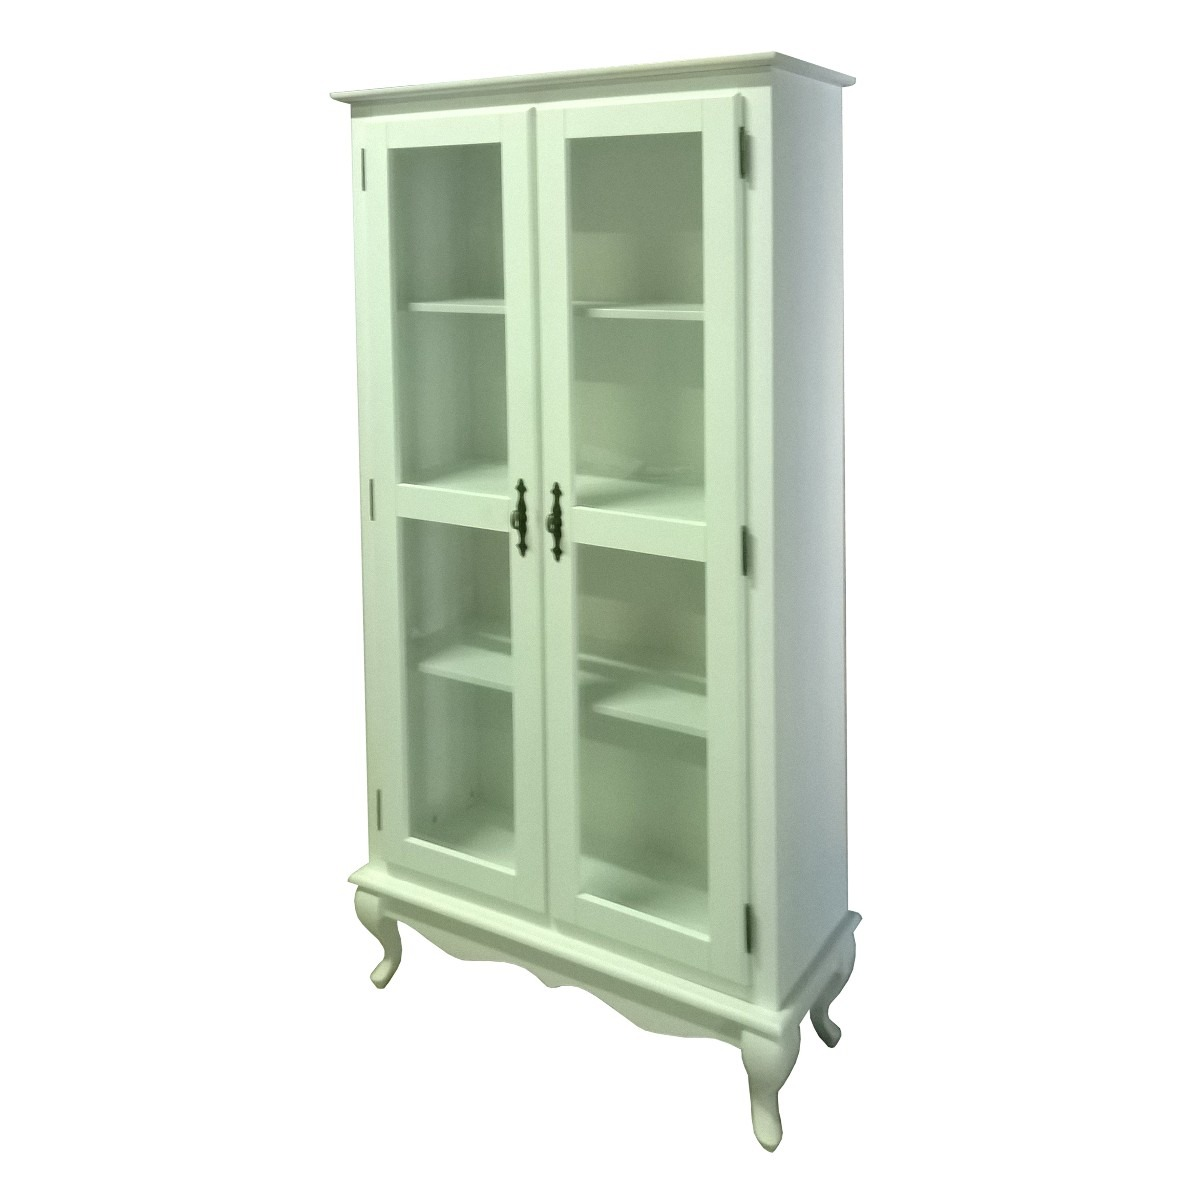 Estante Cristaleira Com Duas Portas De Vidro R$ 798 00 em Mercado  #578348 1200x1200 Banheiro Com Duas Portas